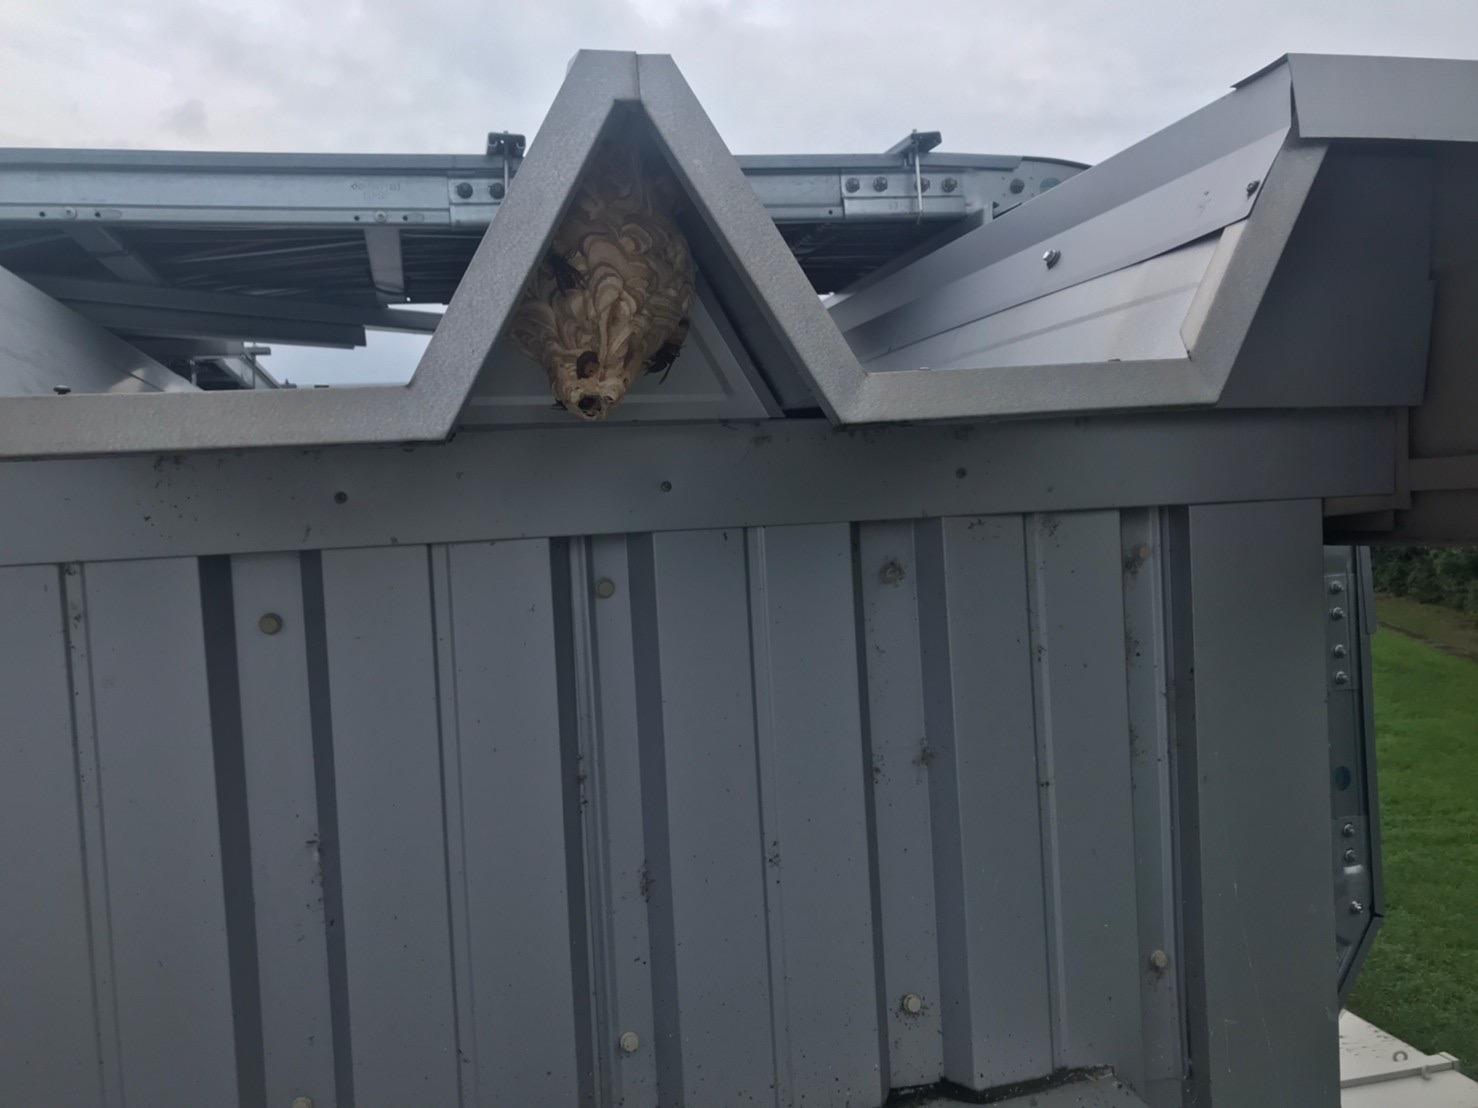 滋賀県折半屋根のスズメバチ駆除